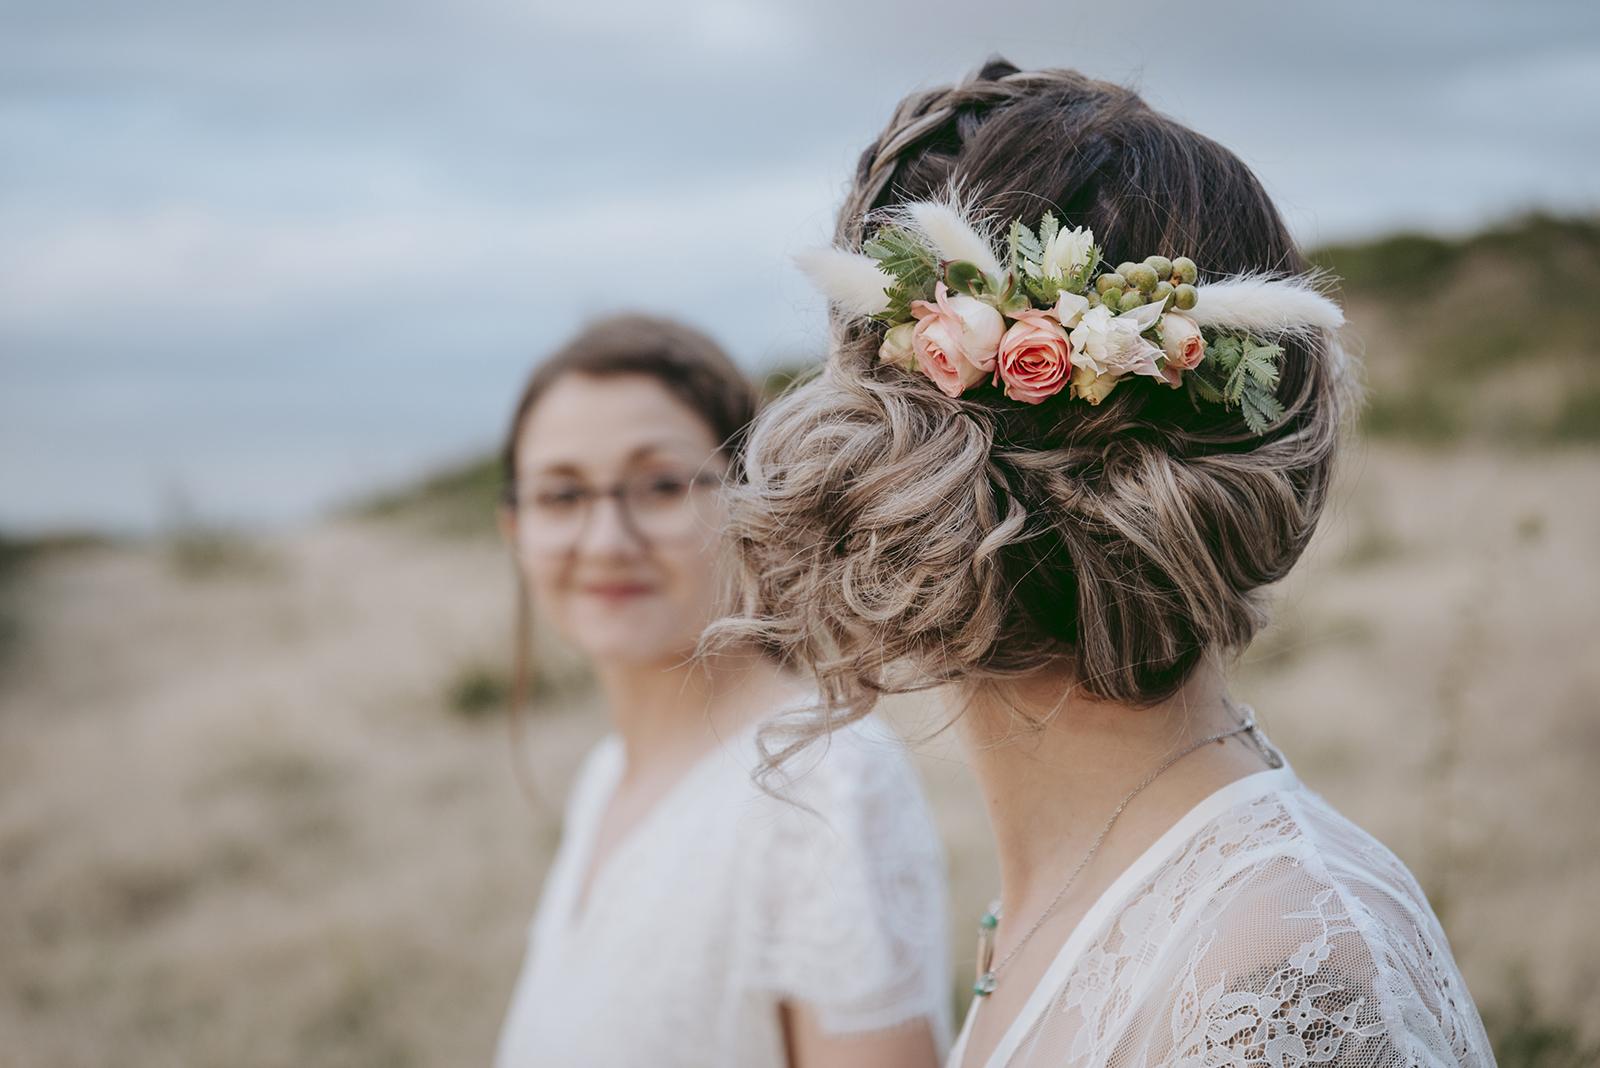 coiffure de mariée fleurs fraiches couleur pêche